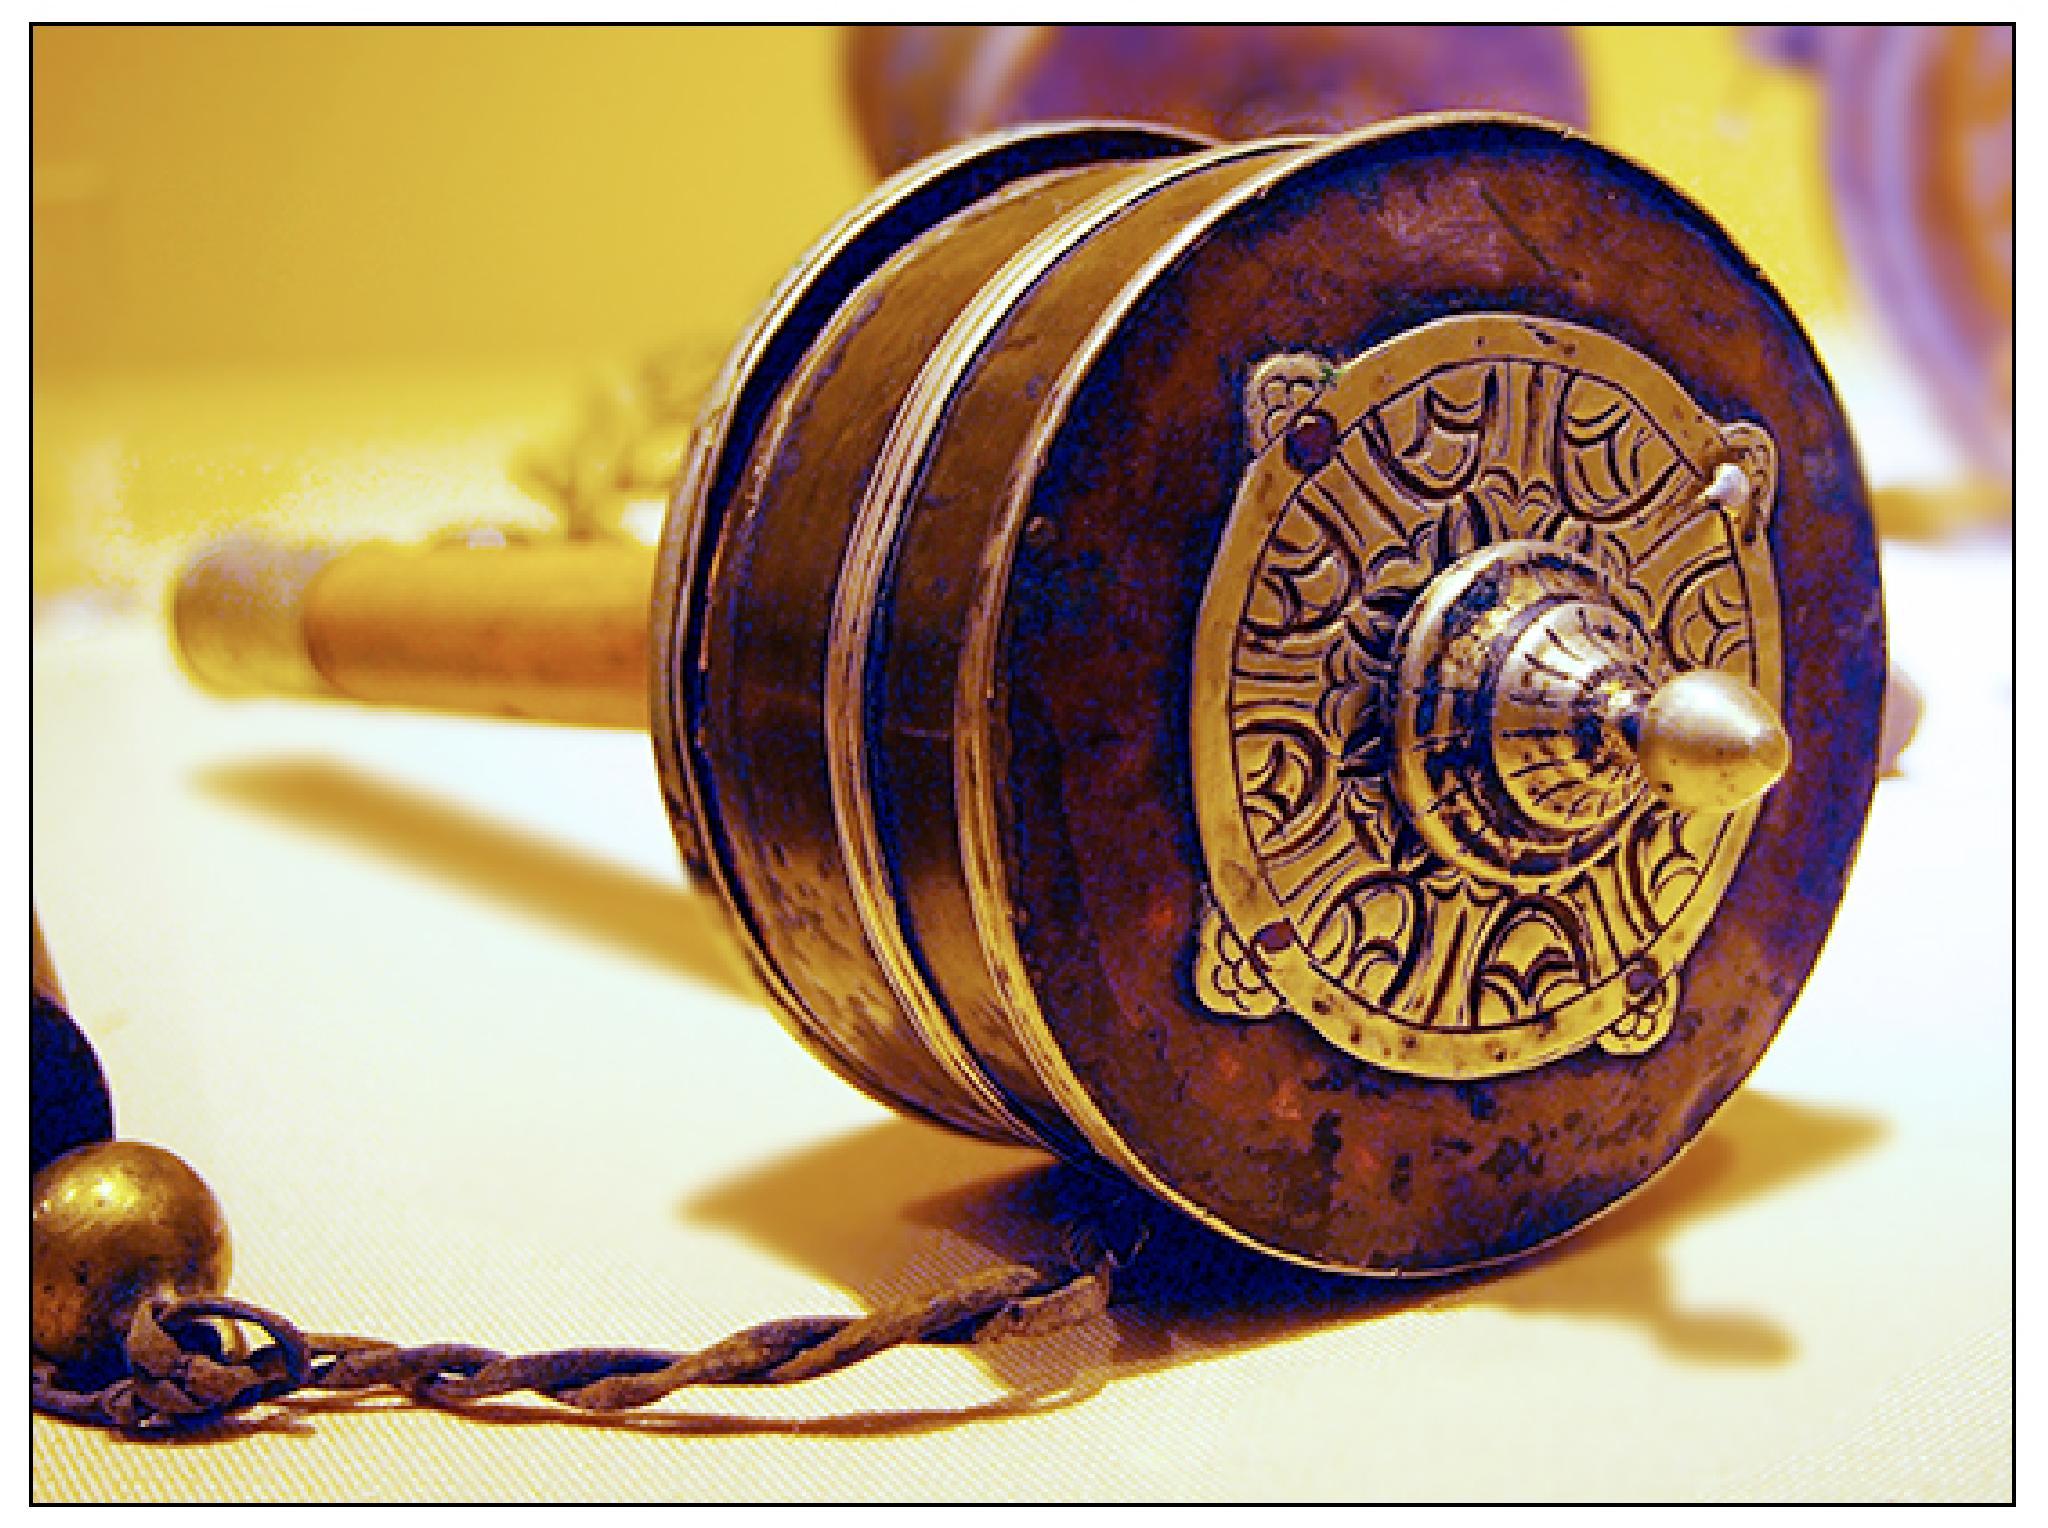 Tibetan Buddhist Prayer Wheel by jessersim